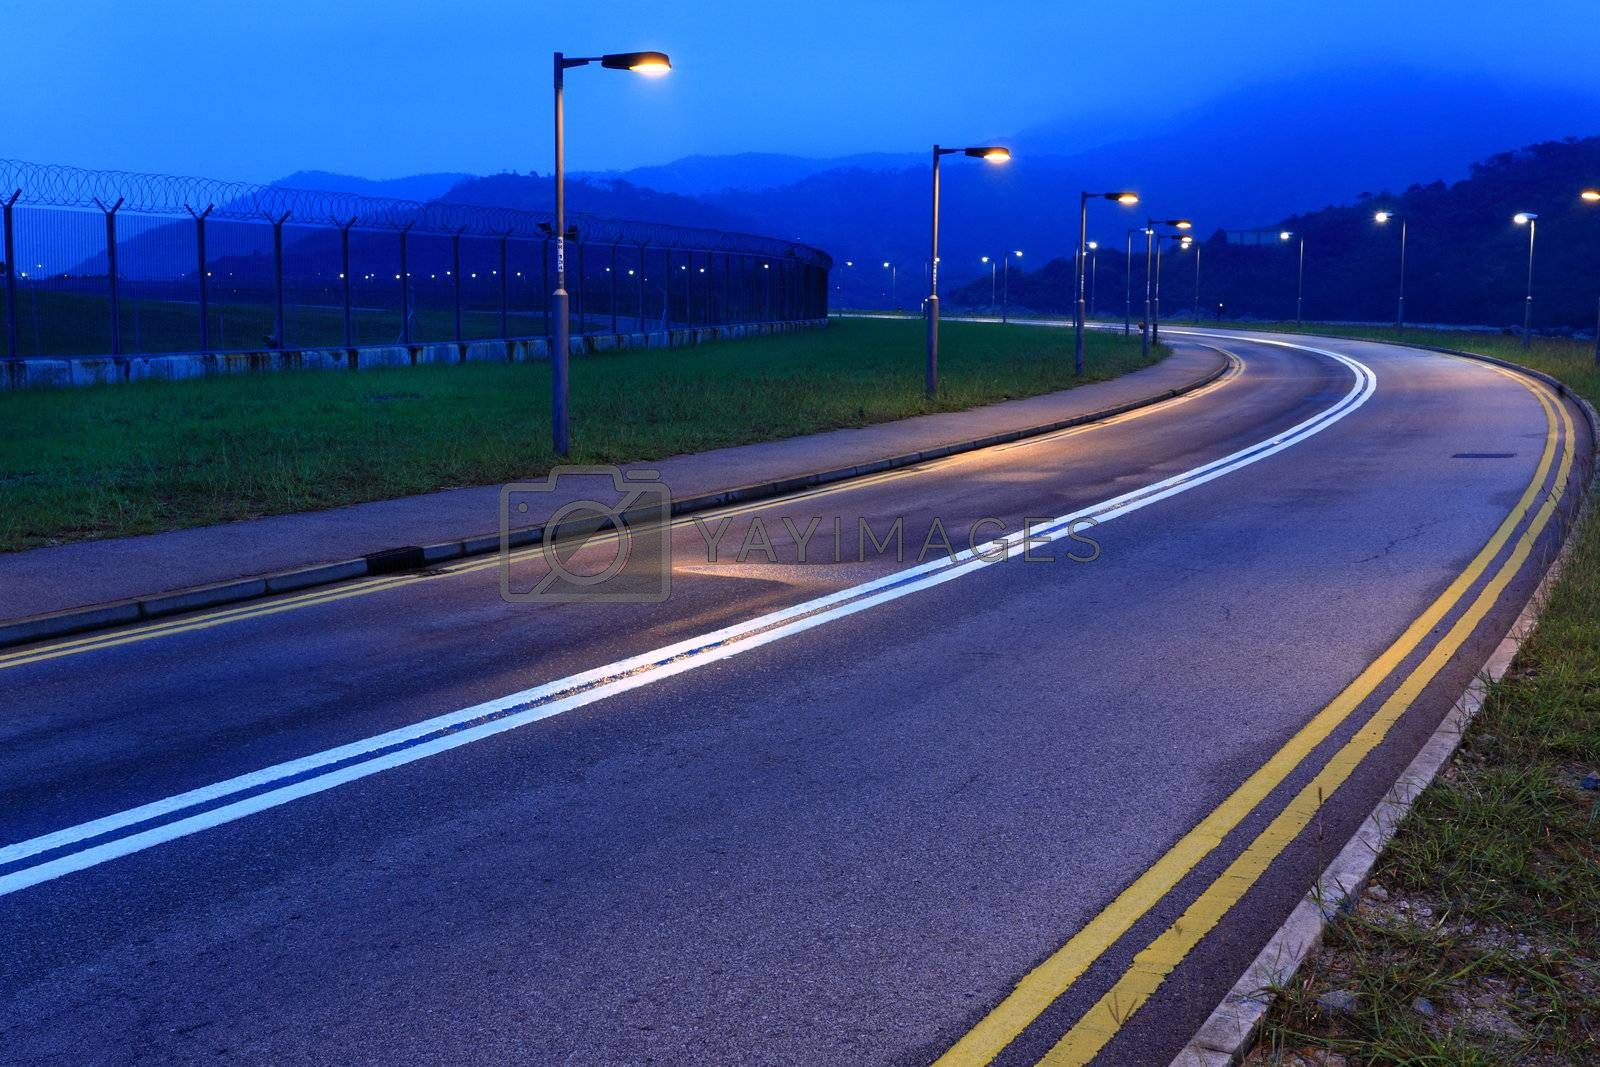 Royalty free image of road at night by leungchopan